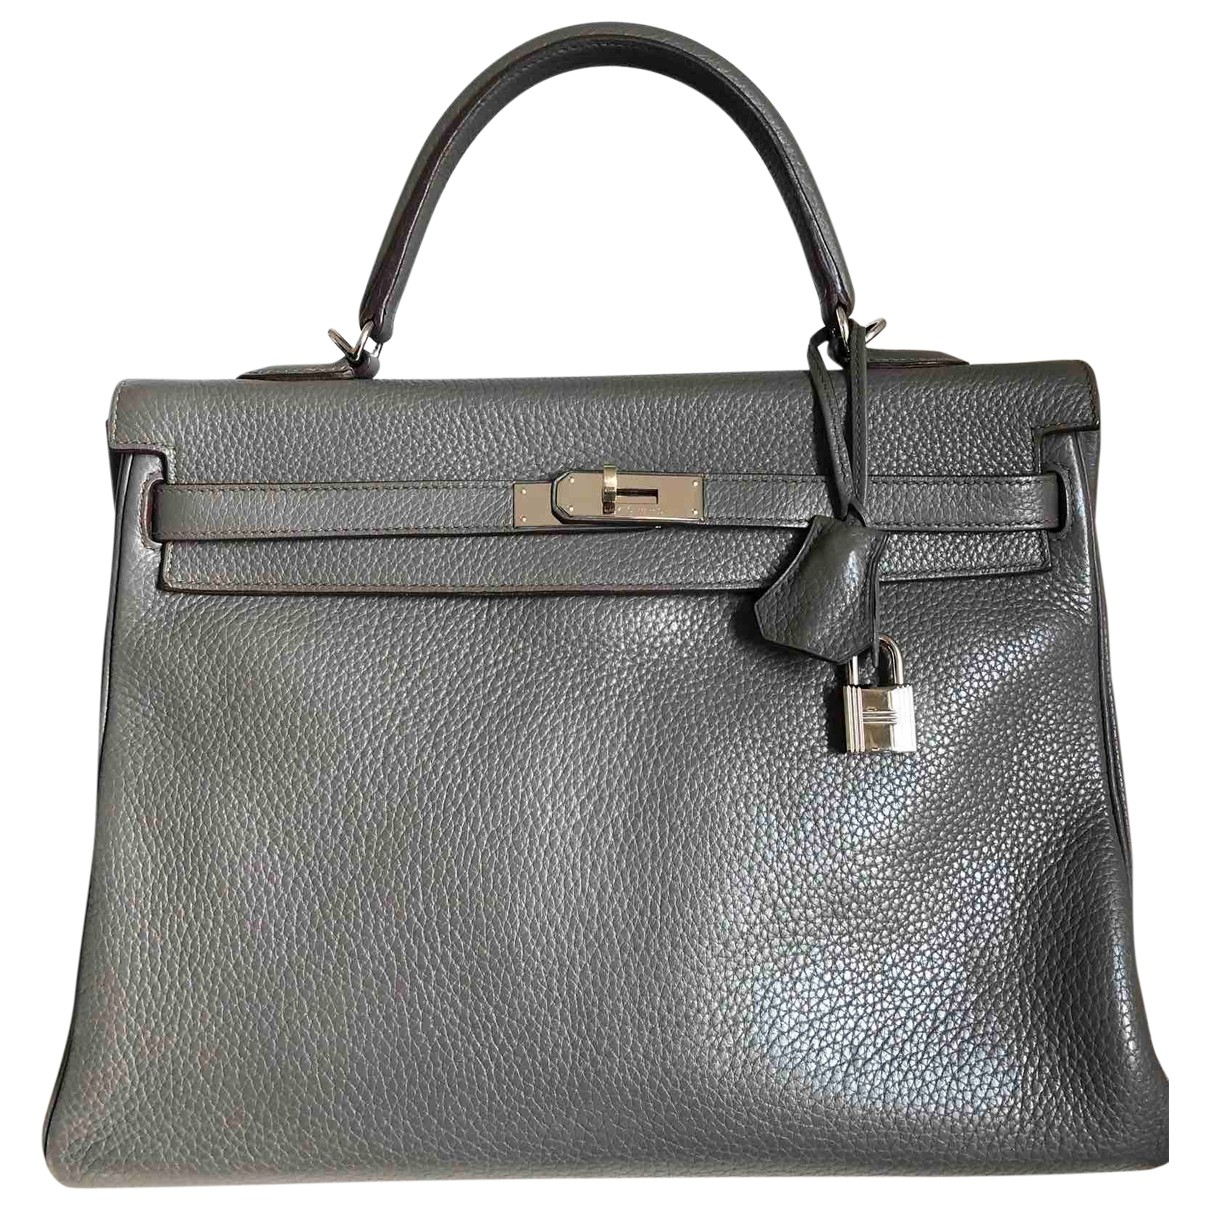 Hermes - Sac a main Kelly 35 pour femme en cuir - gris